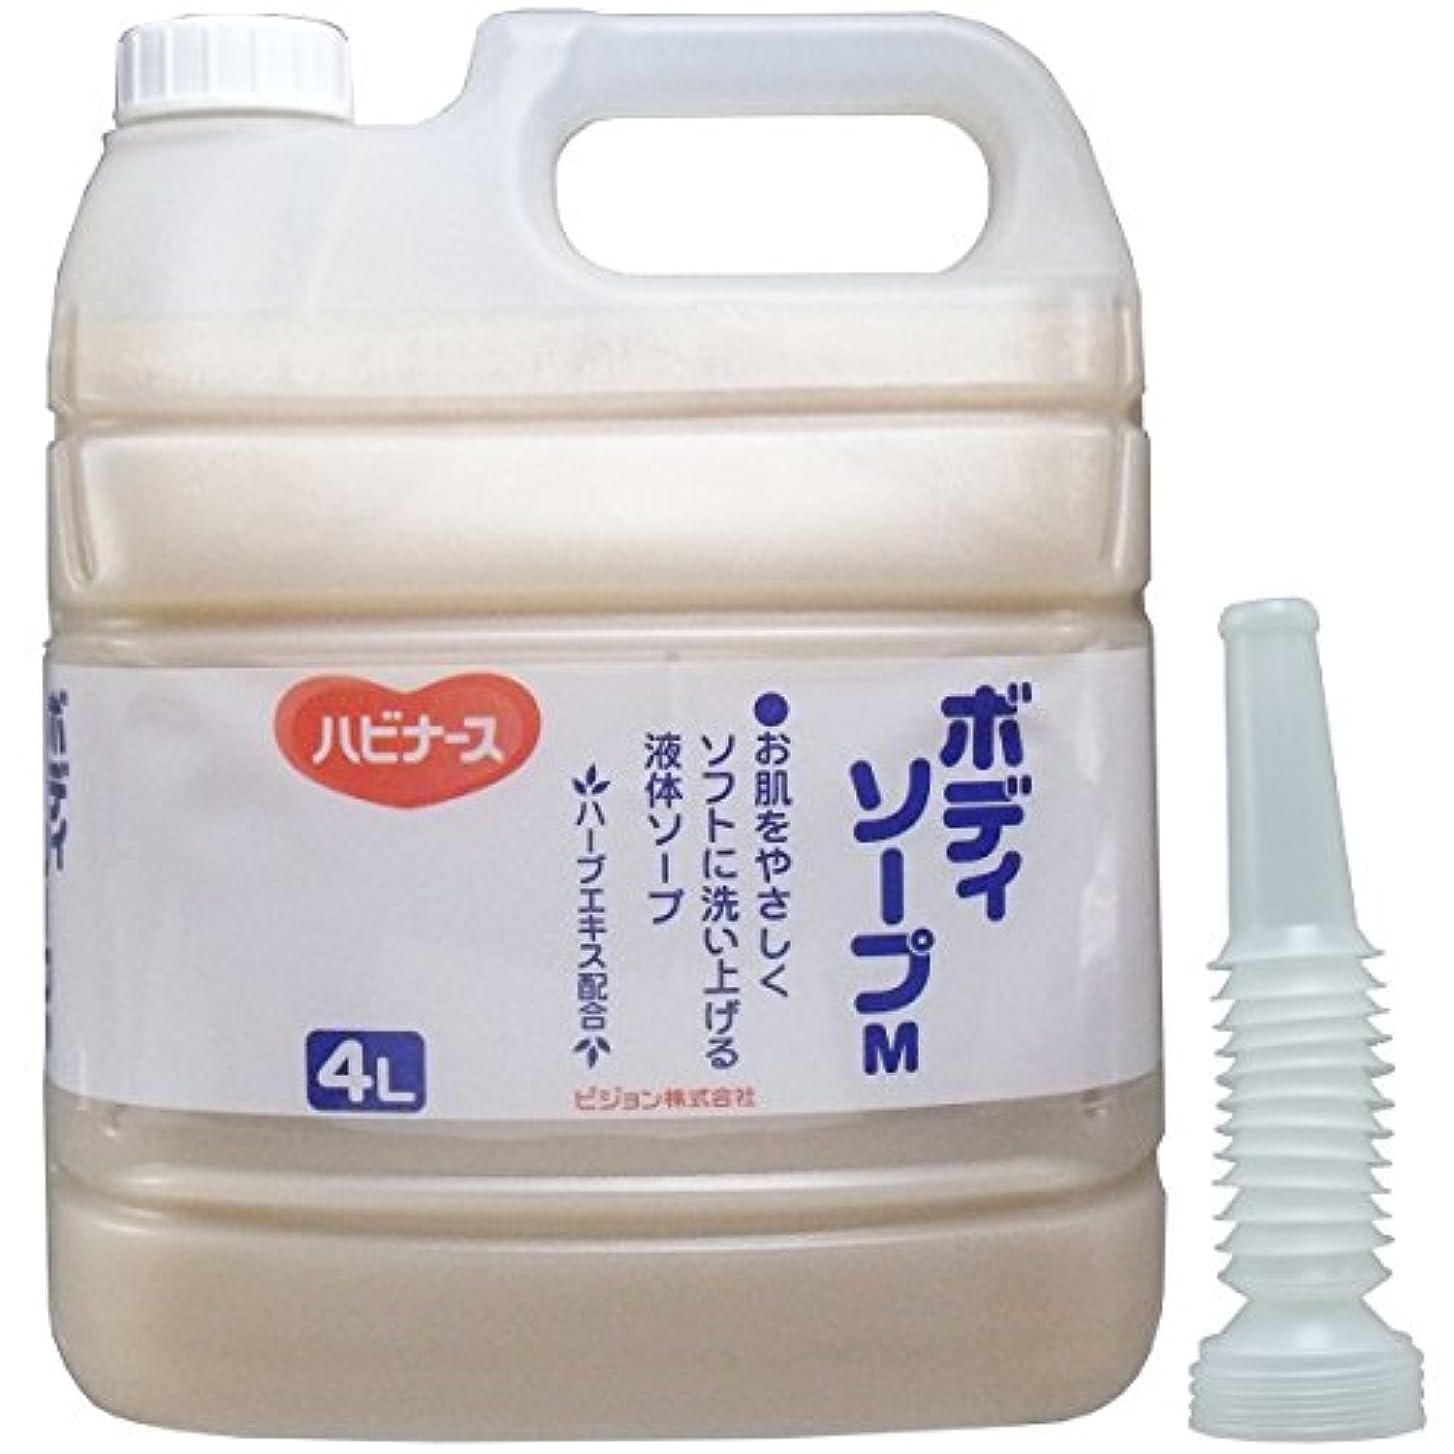 どれでも採用する窒素ハビナース ボディソープM 業務用 4L